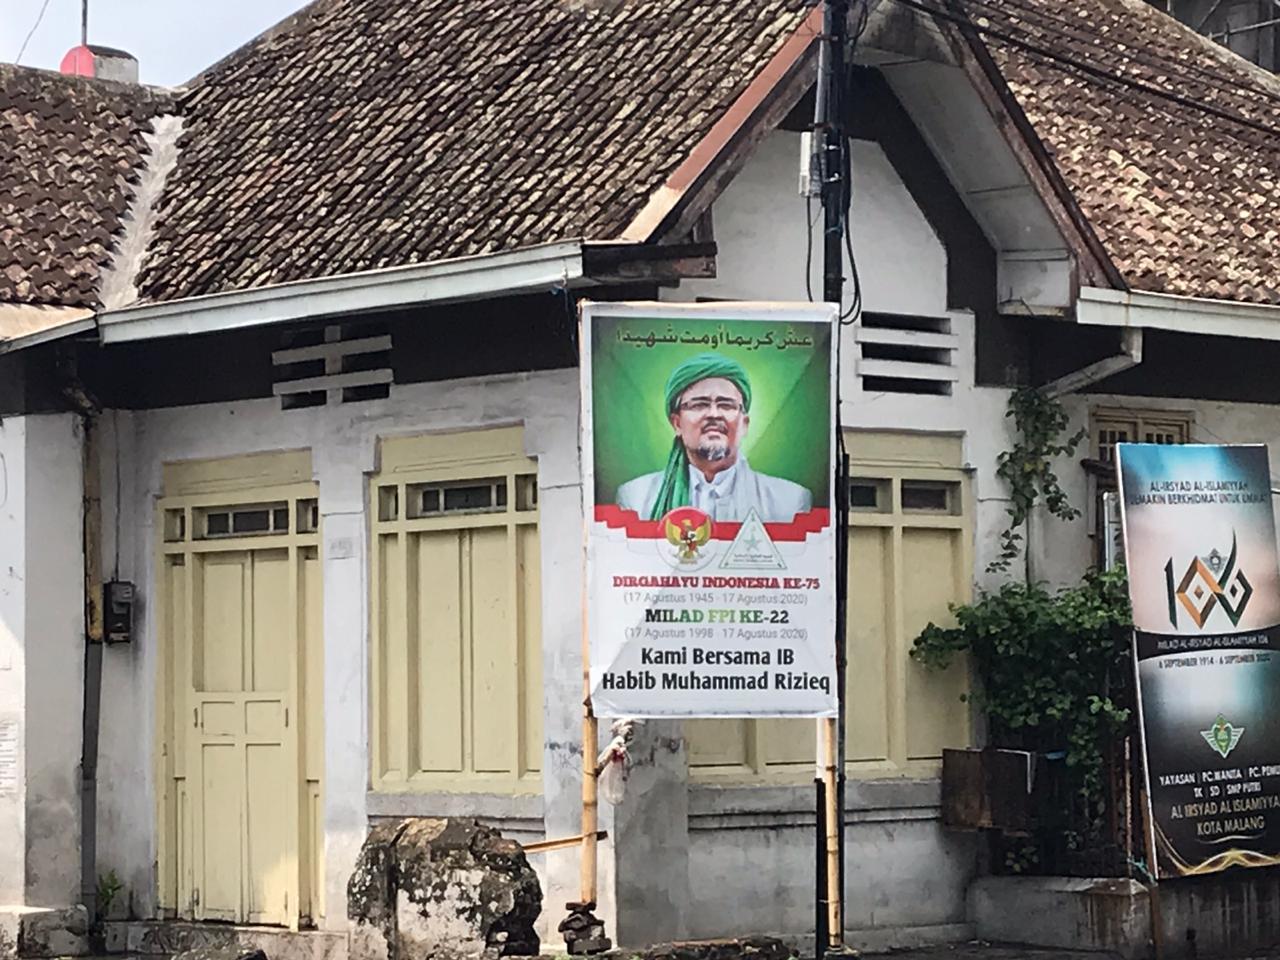 baliho dan spanduk Habib Rizieq di Malang. Aliansi Ormas Malang Bersatu Tolak Kedatangan Habib Rizieq di Malang